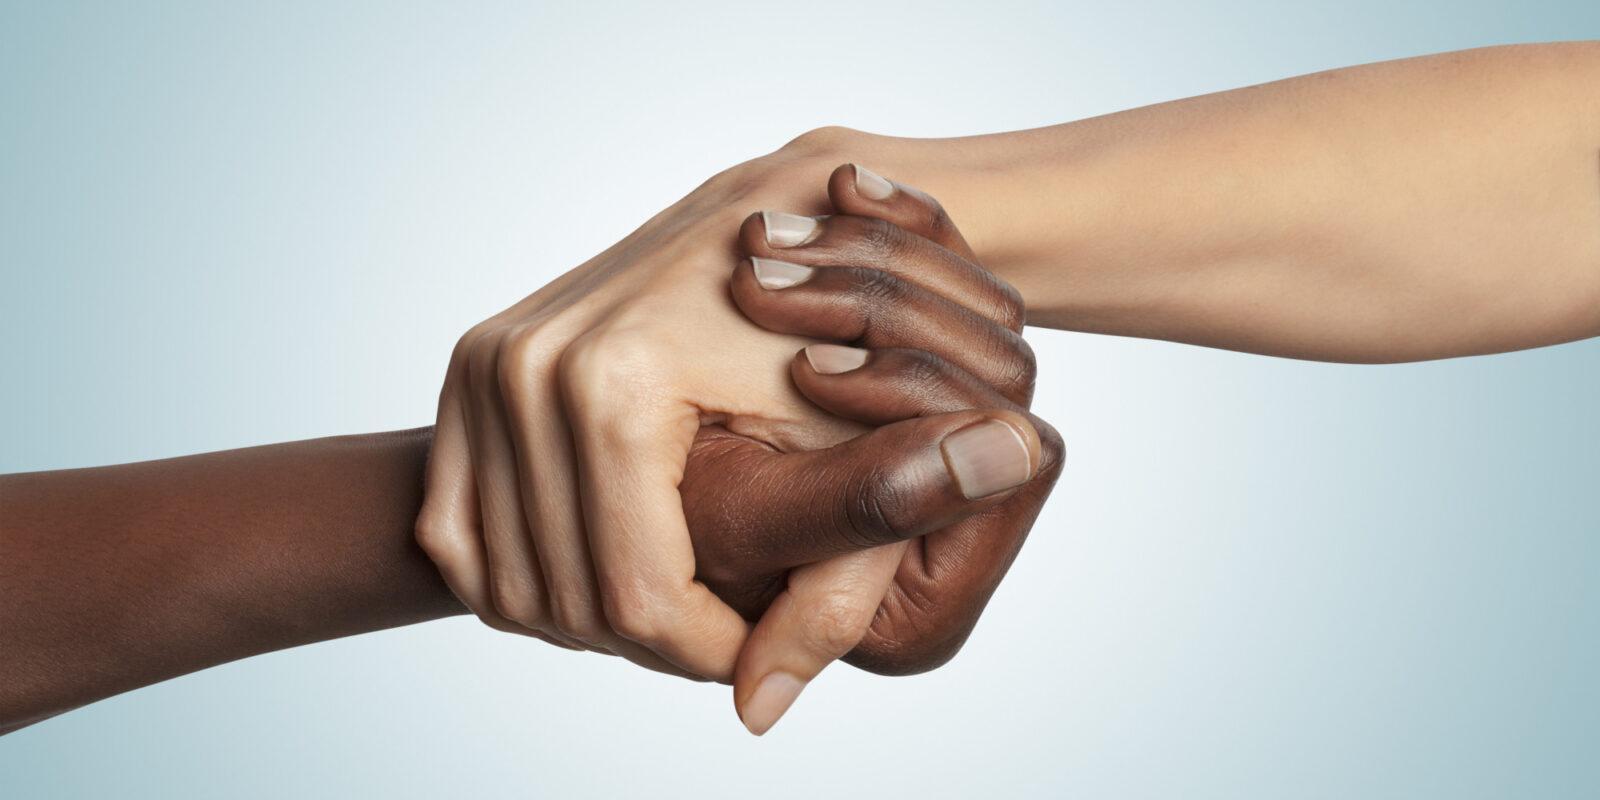 الع رق والعنصرية في علم الاجتماع الأكاديمية بوست